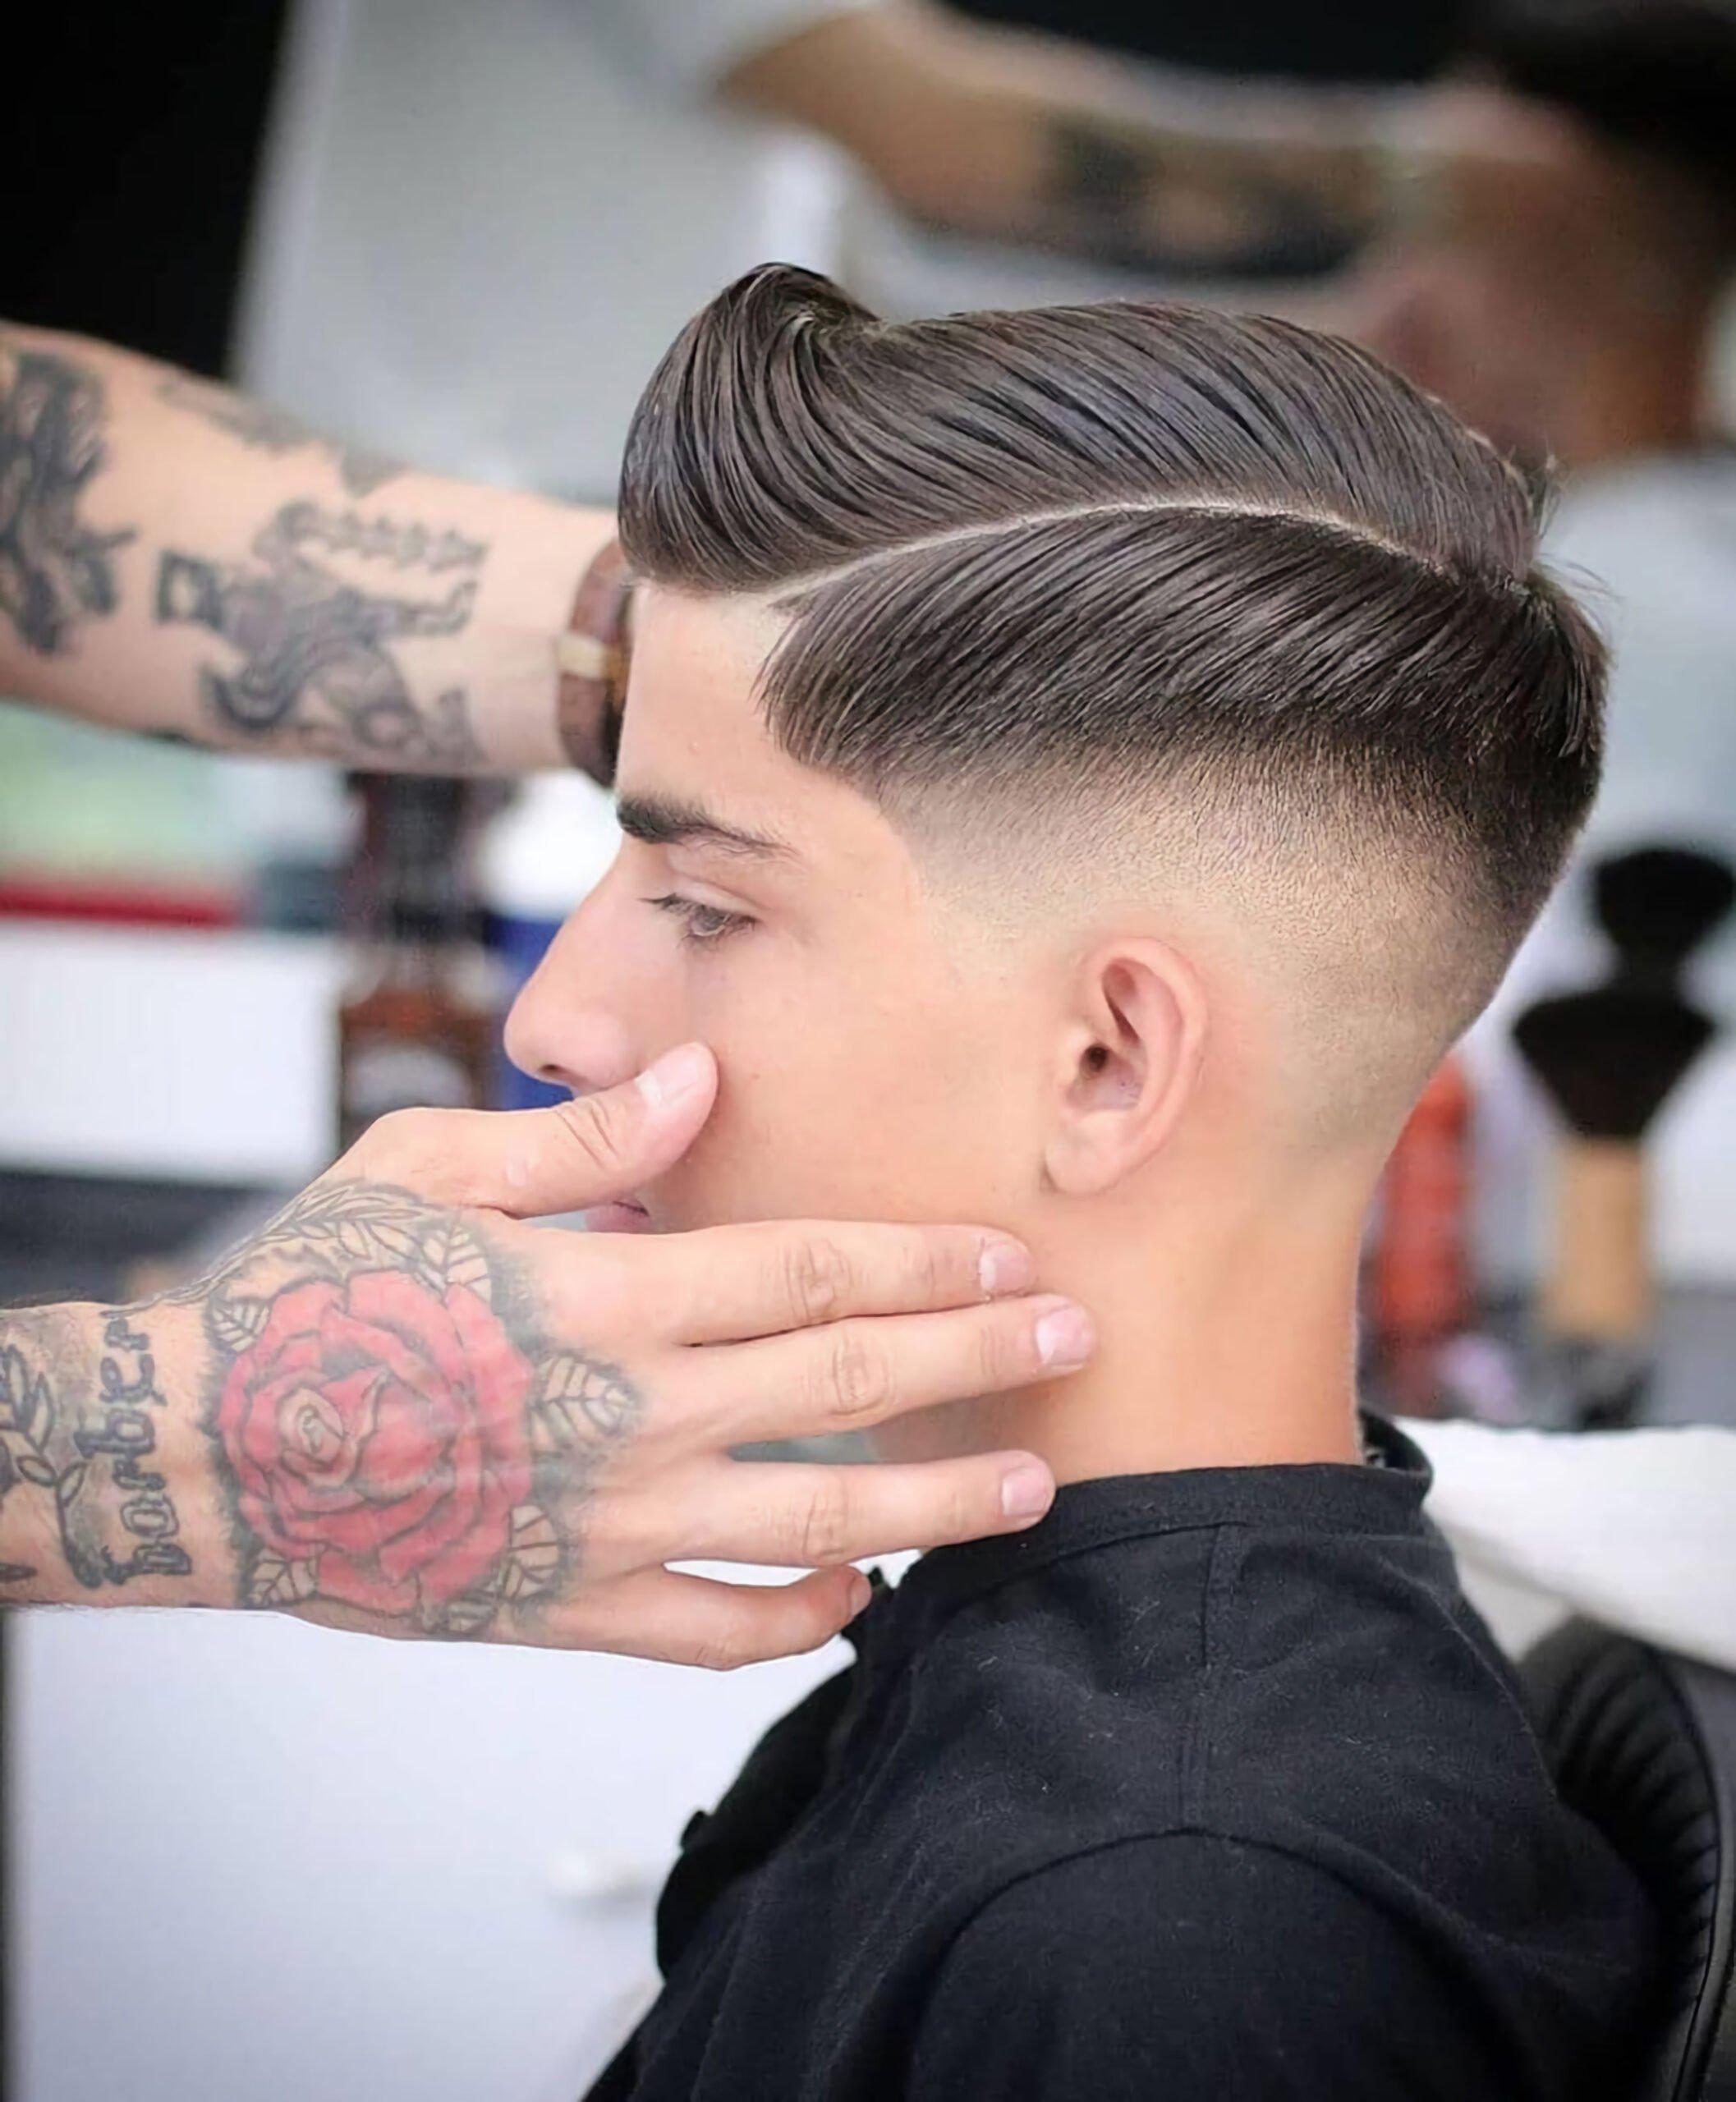 Волосы, причесанные назад + выбритый пробор